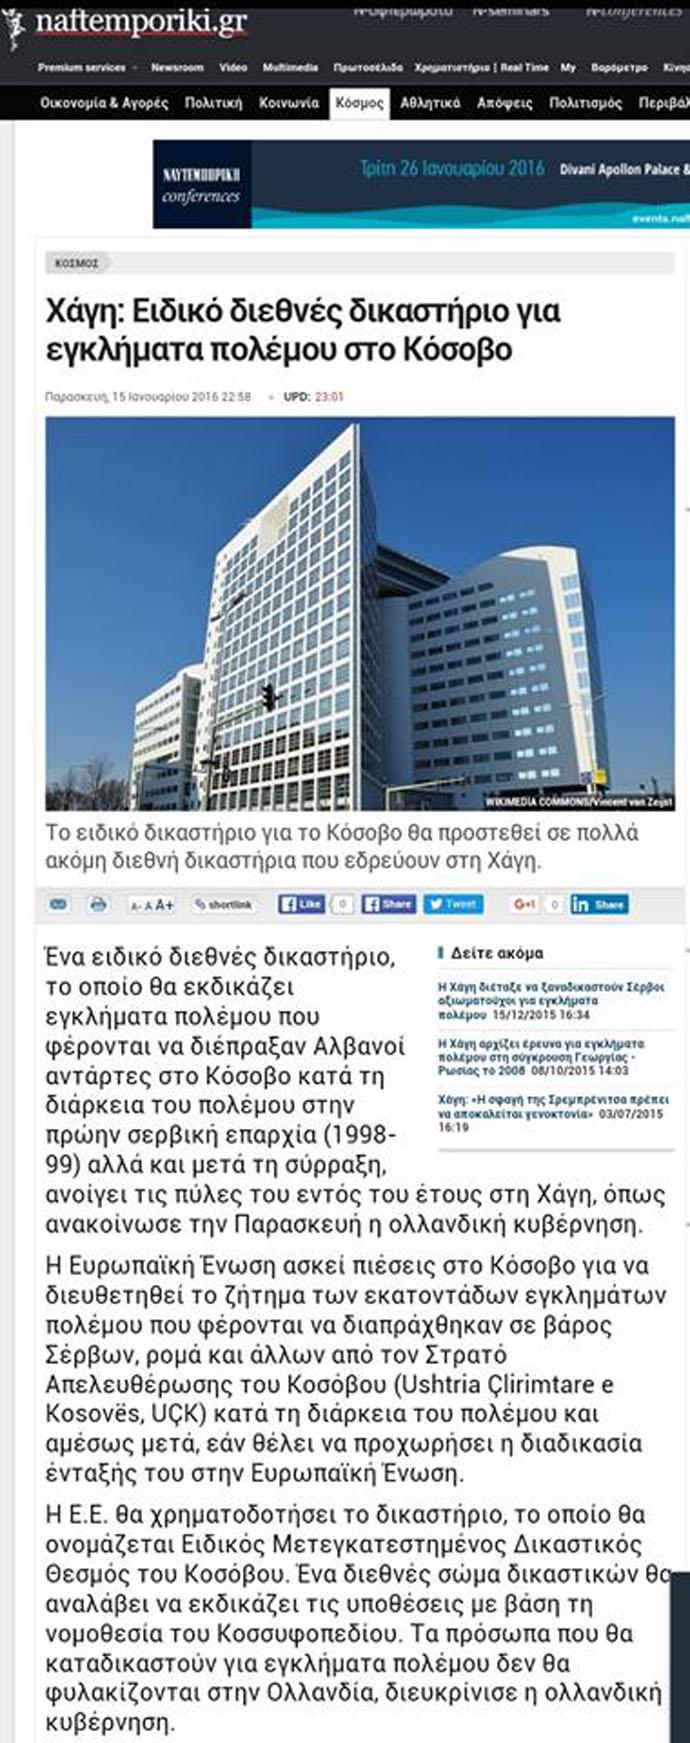 Οἱ ...«σύμμαχοί» μας ἀνεκάλυψαν (ξαφνικά) ἐγκλήματα τοῦ UCK στὴν Σερβία!!!1